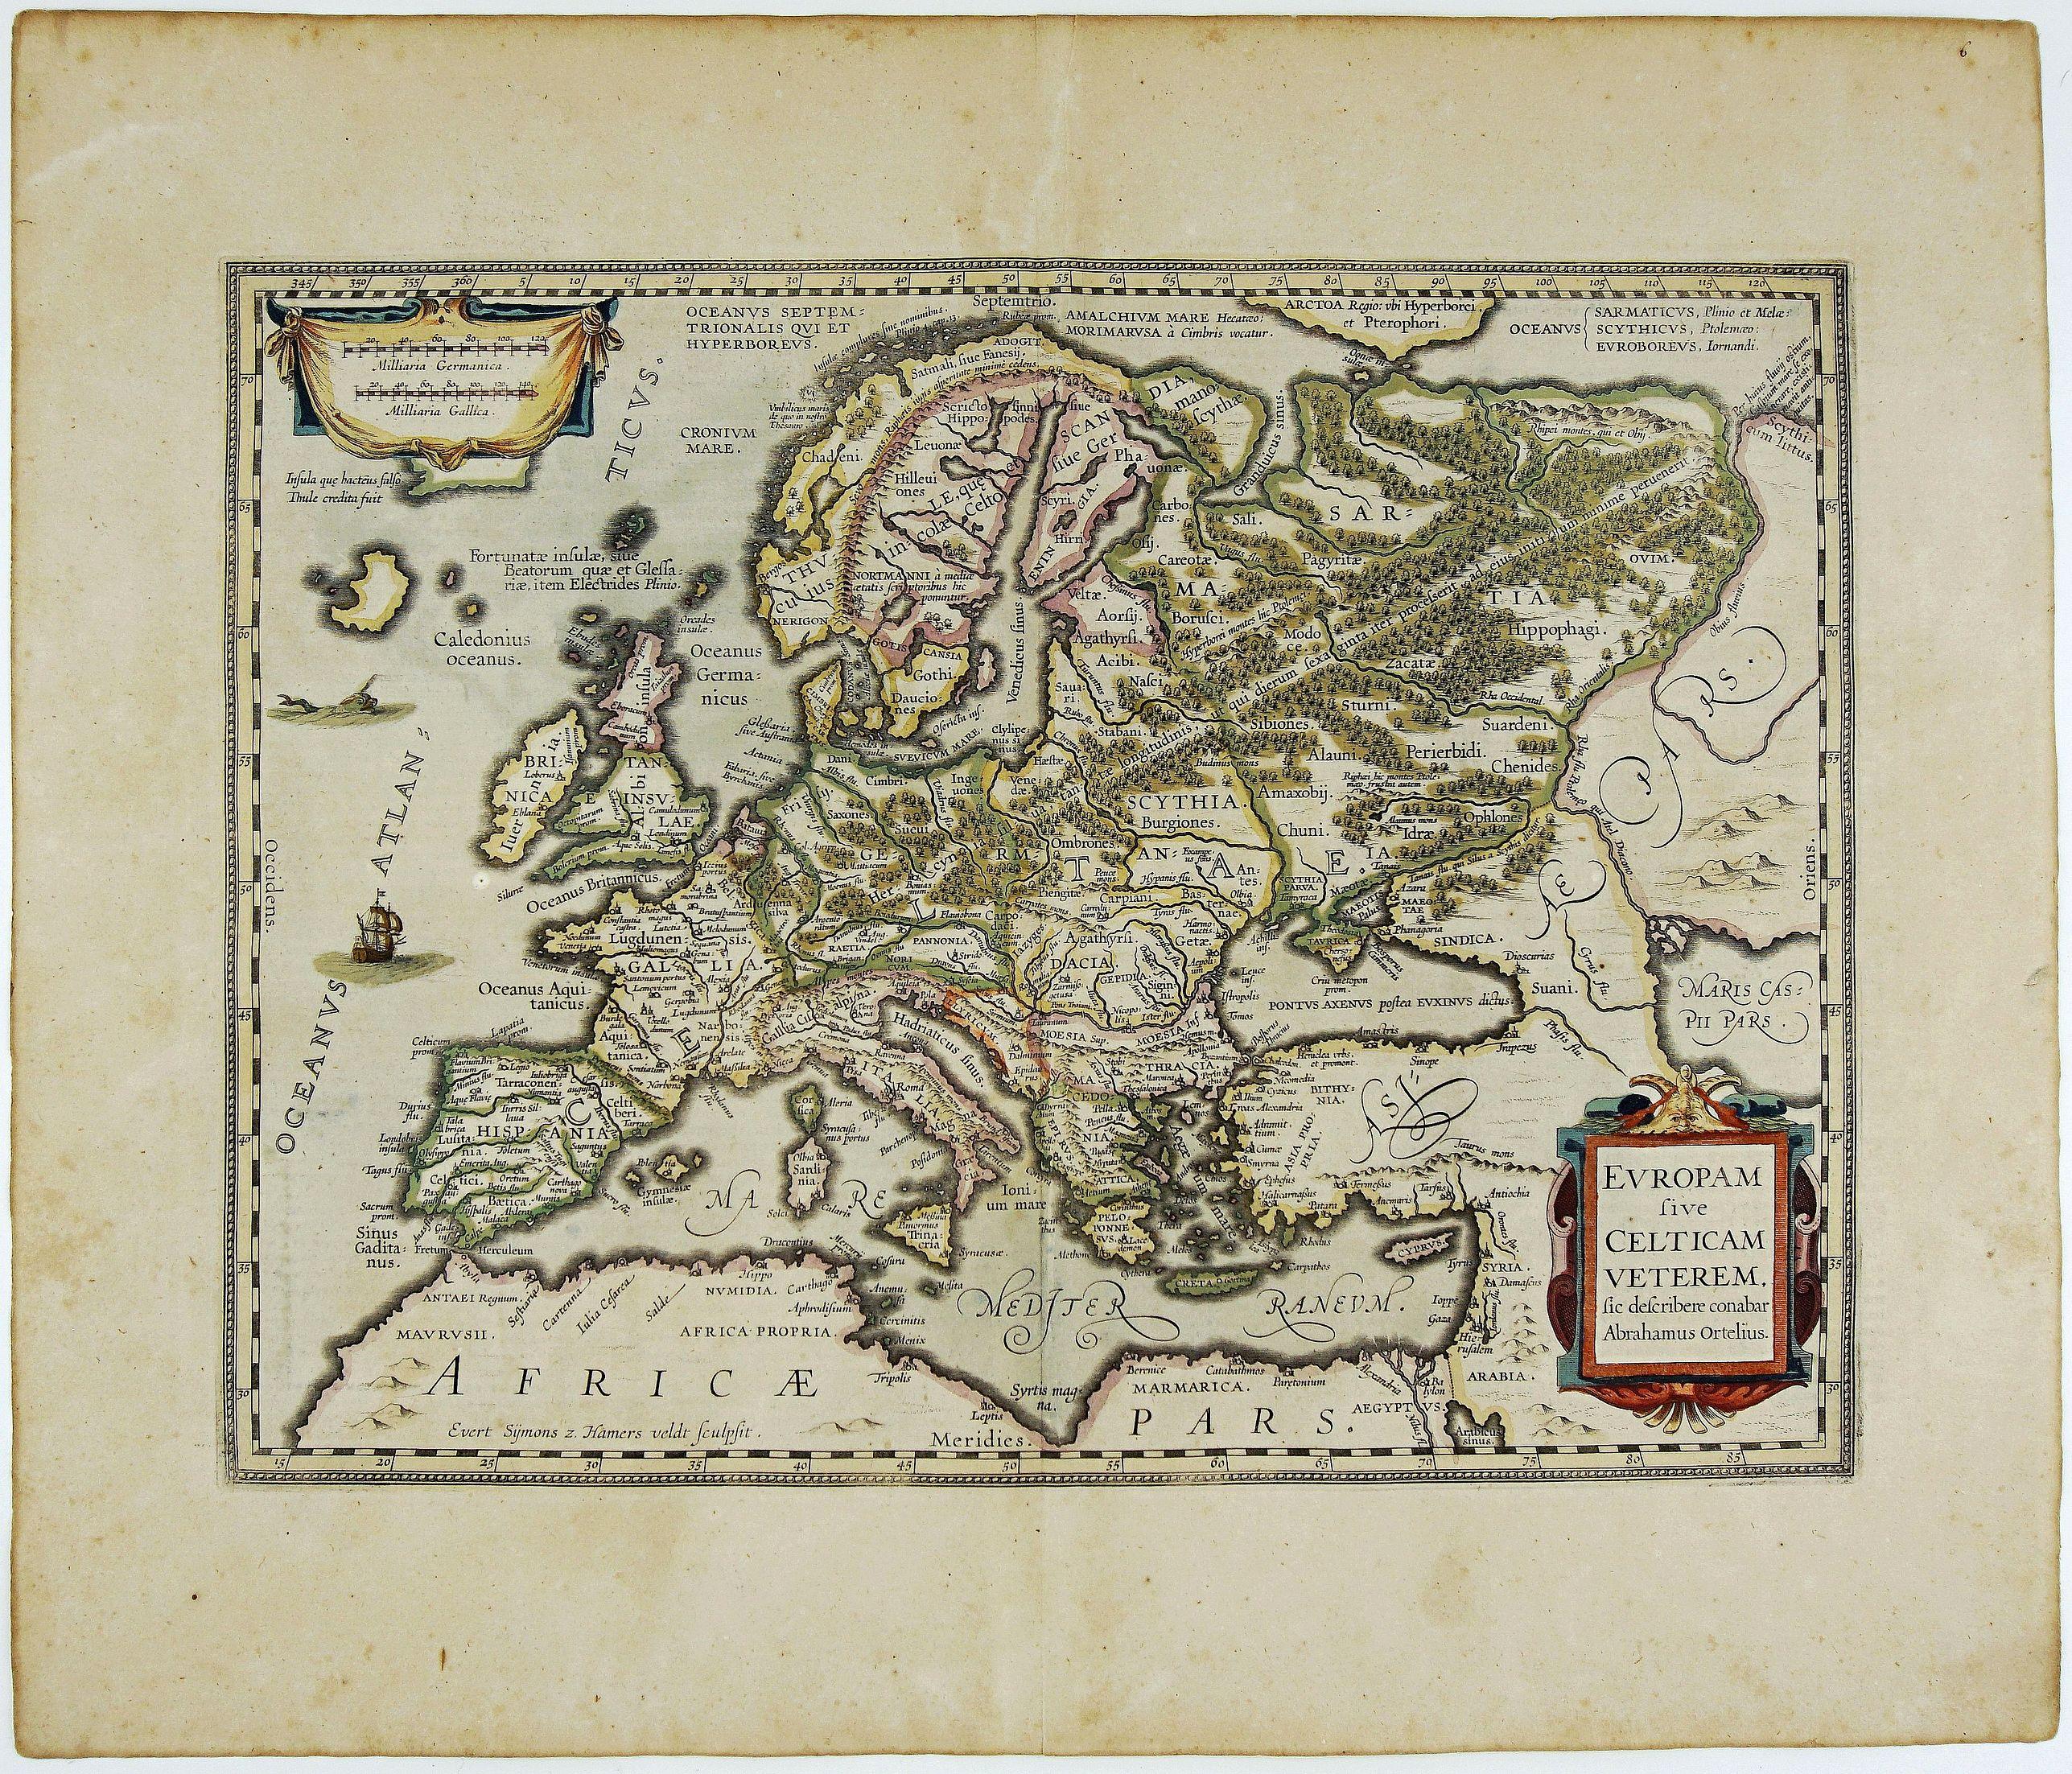 JANSSONIUS, J.  - Europam sive Celticam Veterem, sic Describere Conabar Abrahamus Ortelius.